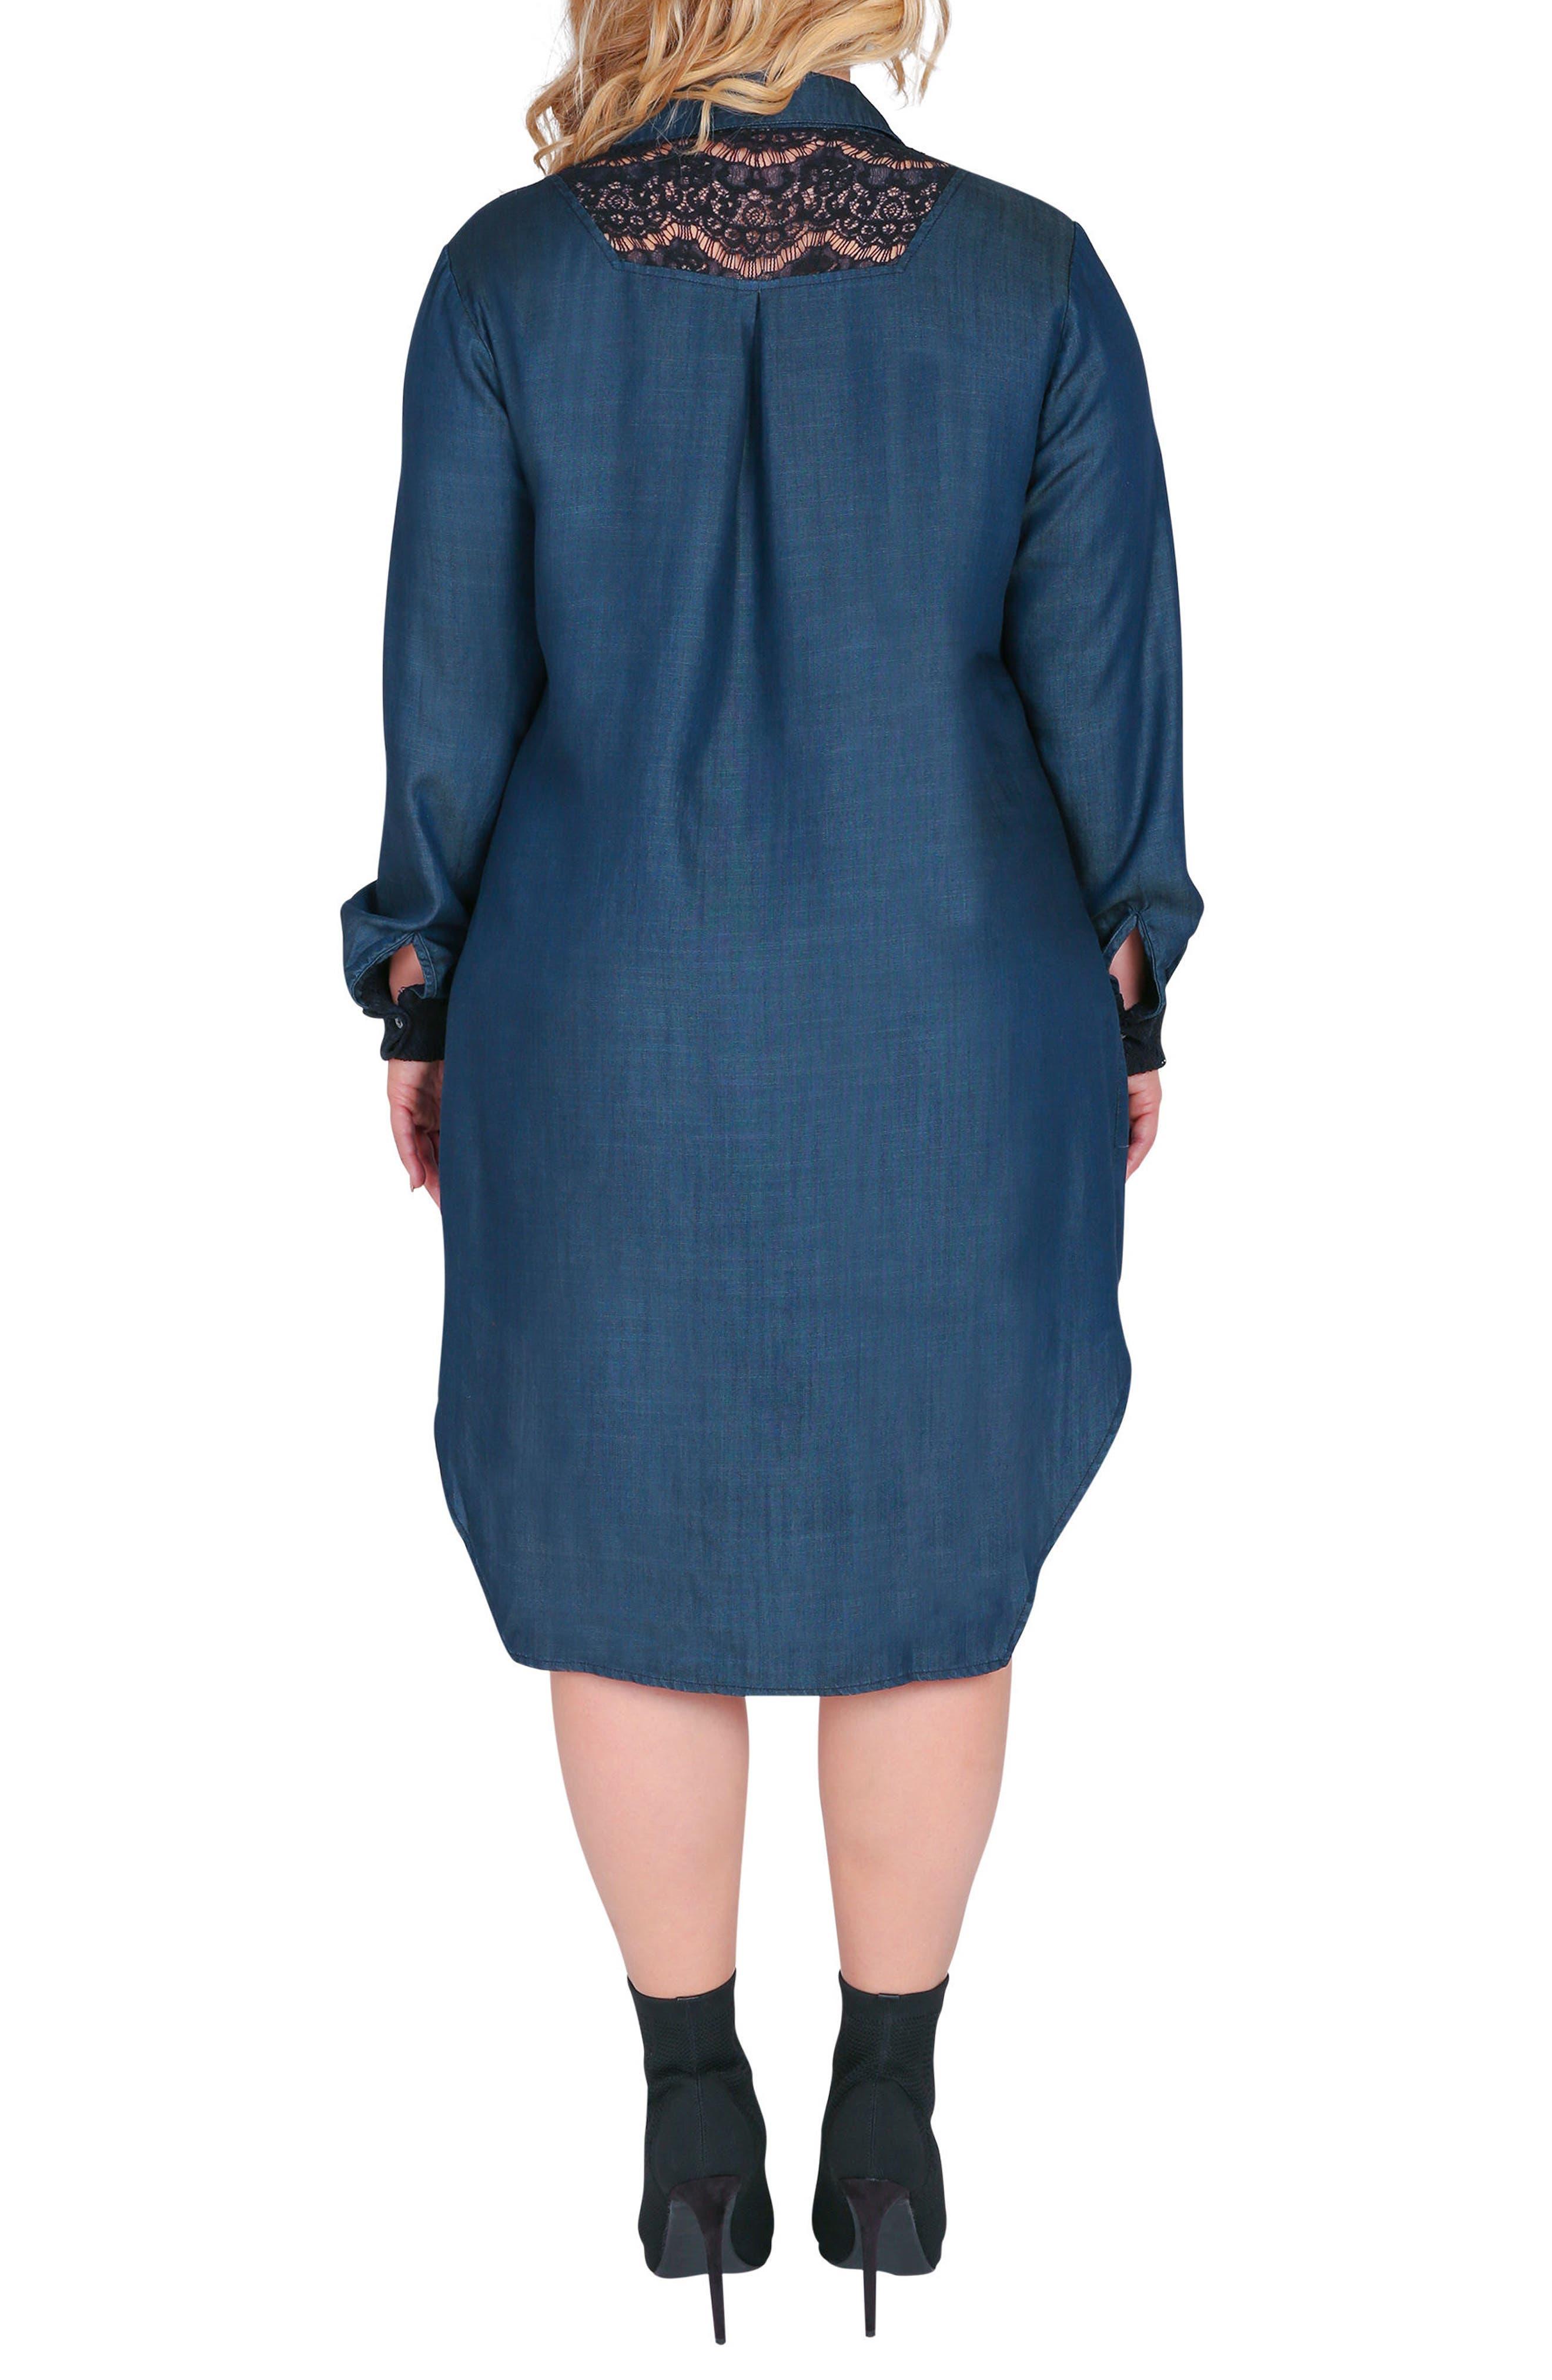 STANDARDS & PRACTICES,                             Felicity Lace Trim Denim Shirtdress,                             Alternate thumbnail 2, color,                             BLUE